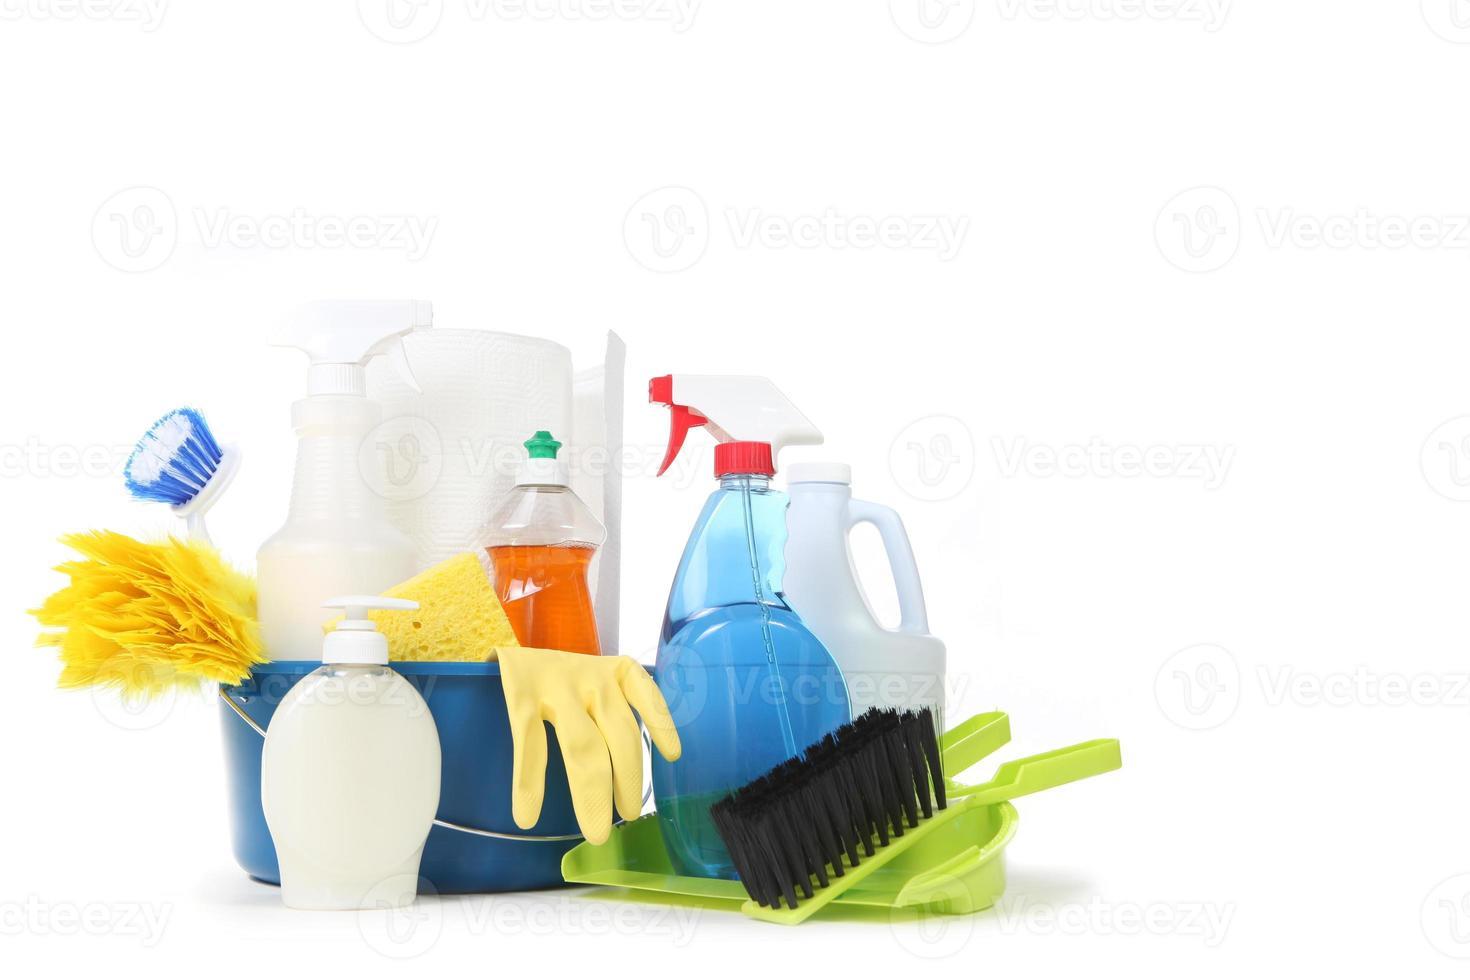 prodotti per la pulizia della casa in un secchio blu foto